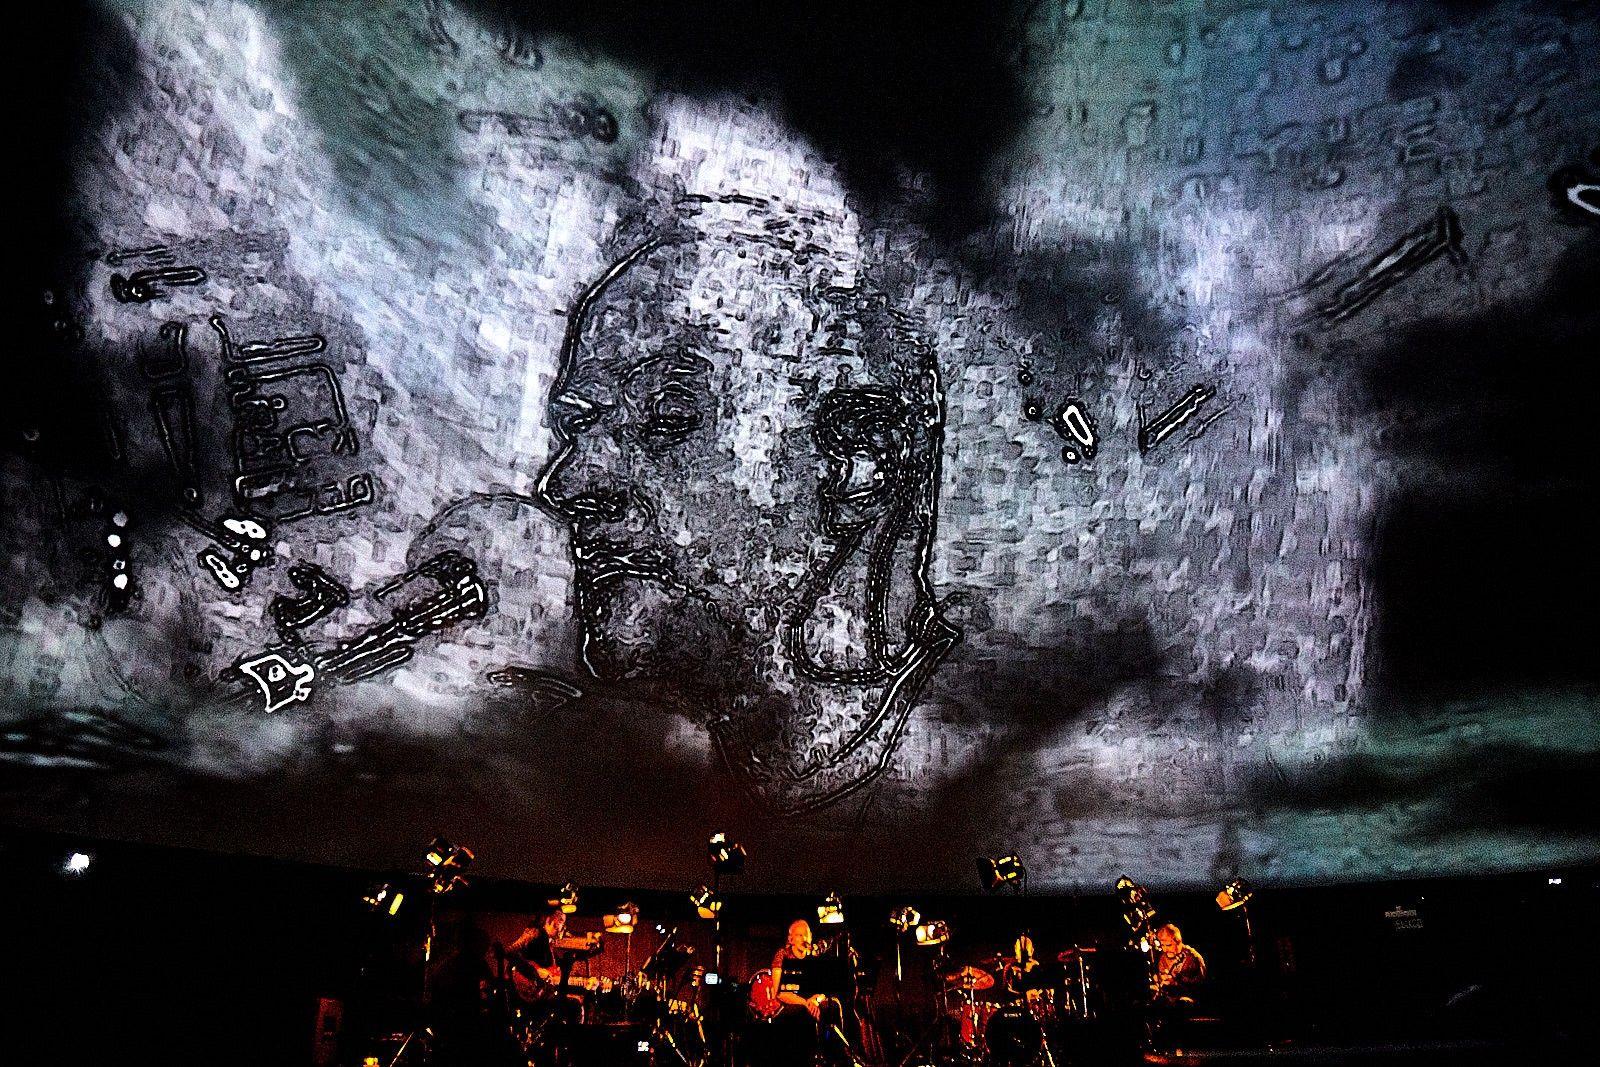 Концерт проекта Zerolines в Московском планетарии. Фото: Георгий Безбородов